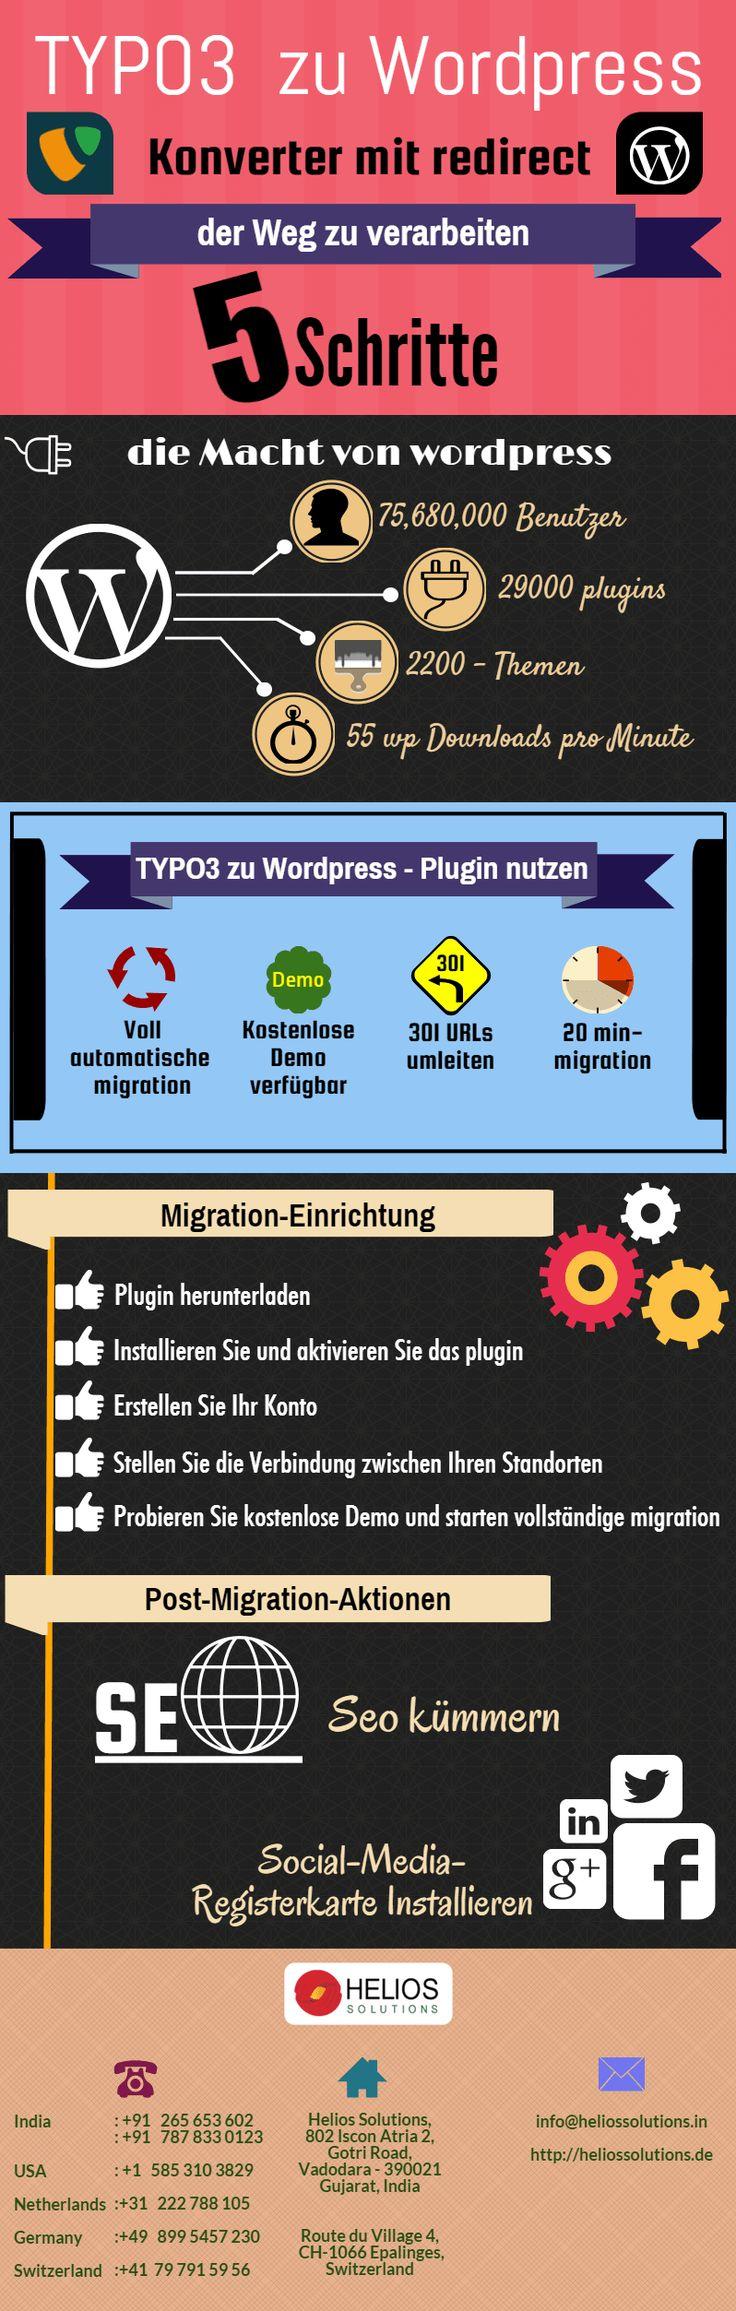 TYPO3 zu Wordpress-Konverter mit redirect [infographic] http://heliossolutions.de/webdesign-agentur/ Die Migration von Typo3, Wordpress ist nicht so schwierig und kann von jedermann durchgeführt werden, es erfordert keine Programmierkenntnisse oder Programmierkenntnisse. Es ist auch, dass die automatisierter Service ermöglicht die Migration von einer Plattform zur anderen genau und schnell. #typo3 #wordpress #cms #webdevelopment